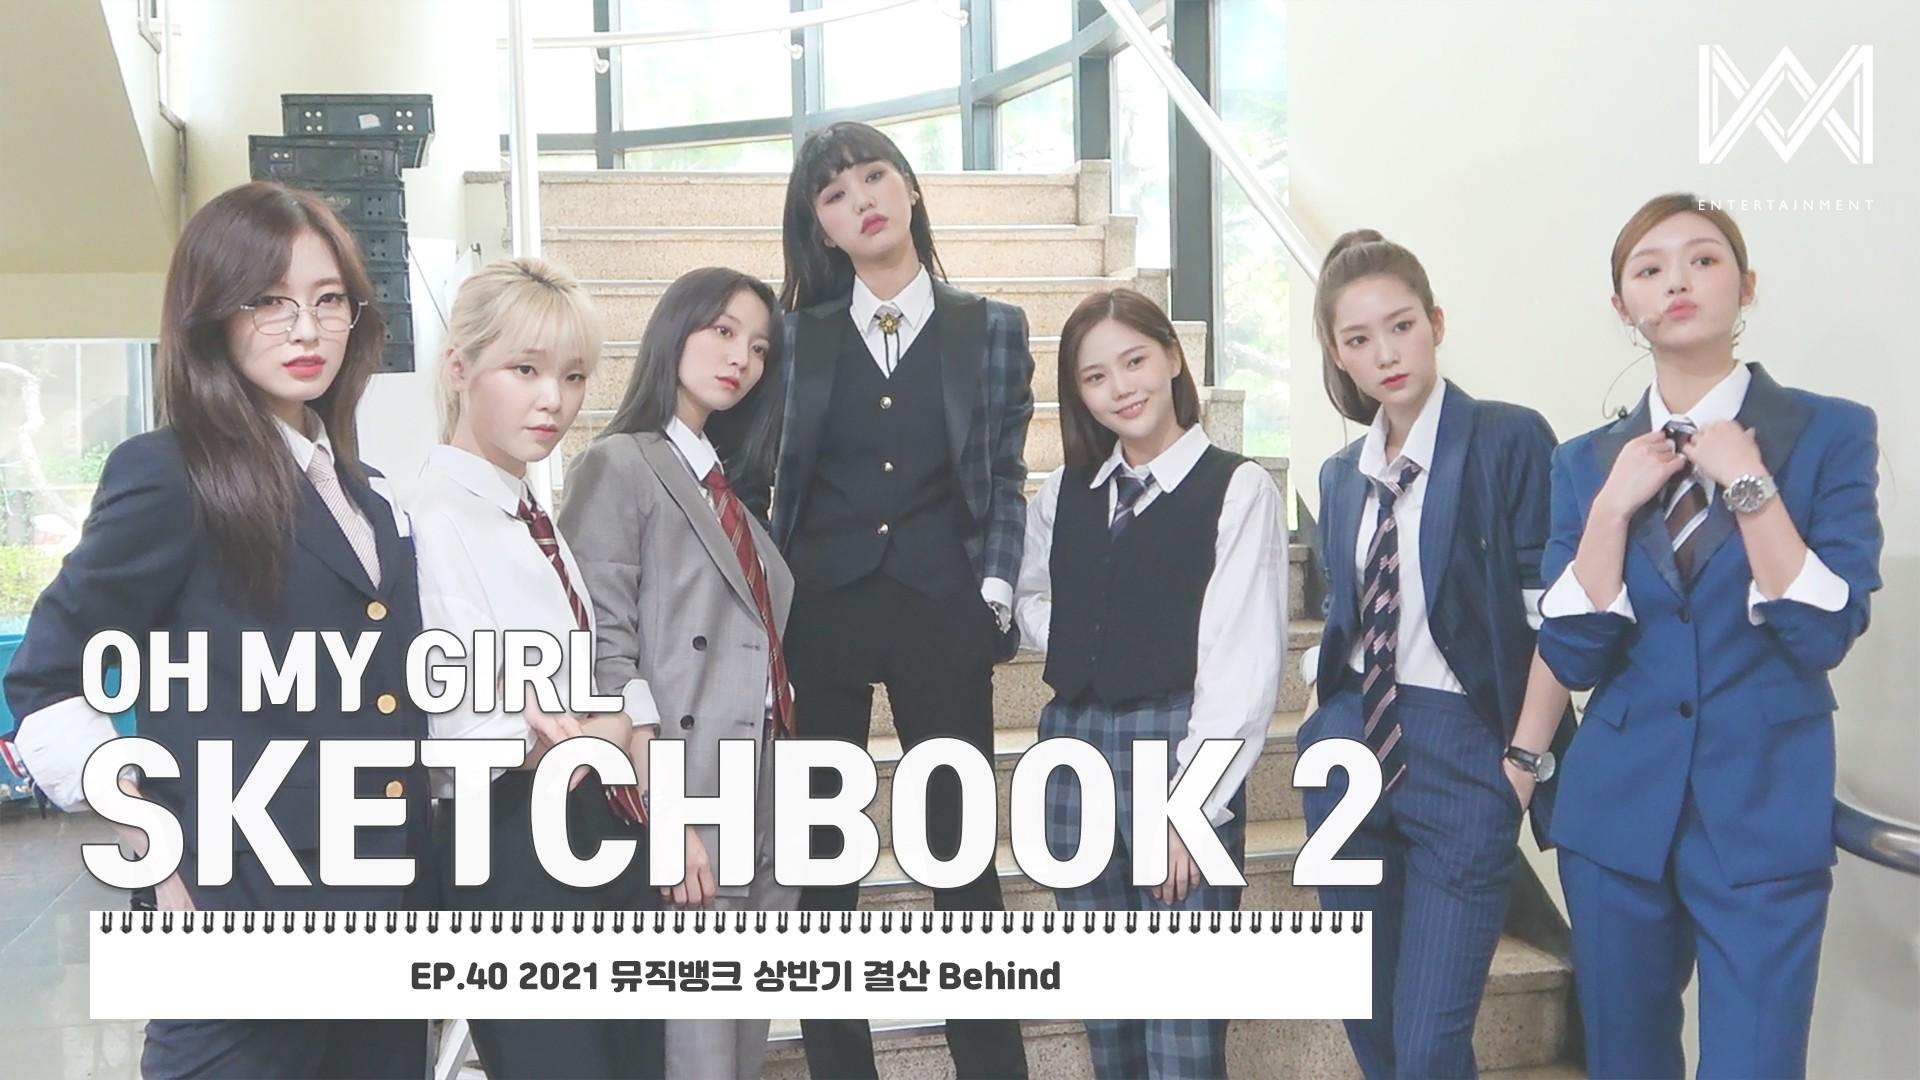 [OH MY GIRL SKETCHBOOK 2] EP.40 2021 뮤직뱅크 상반기 결산 Behind